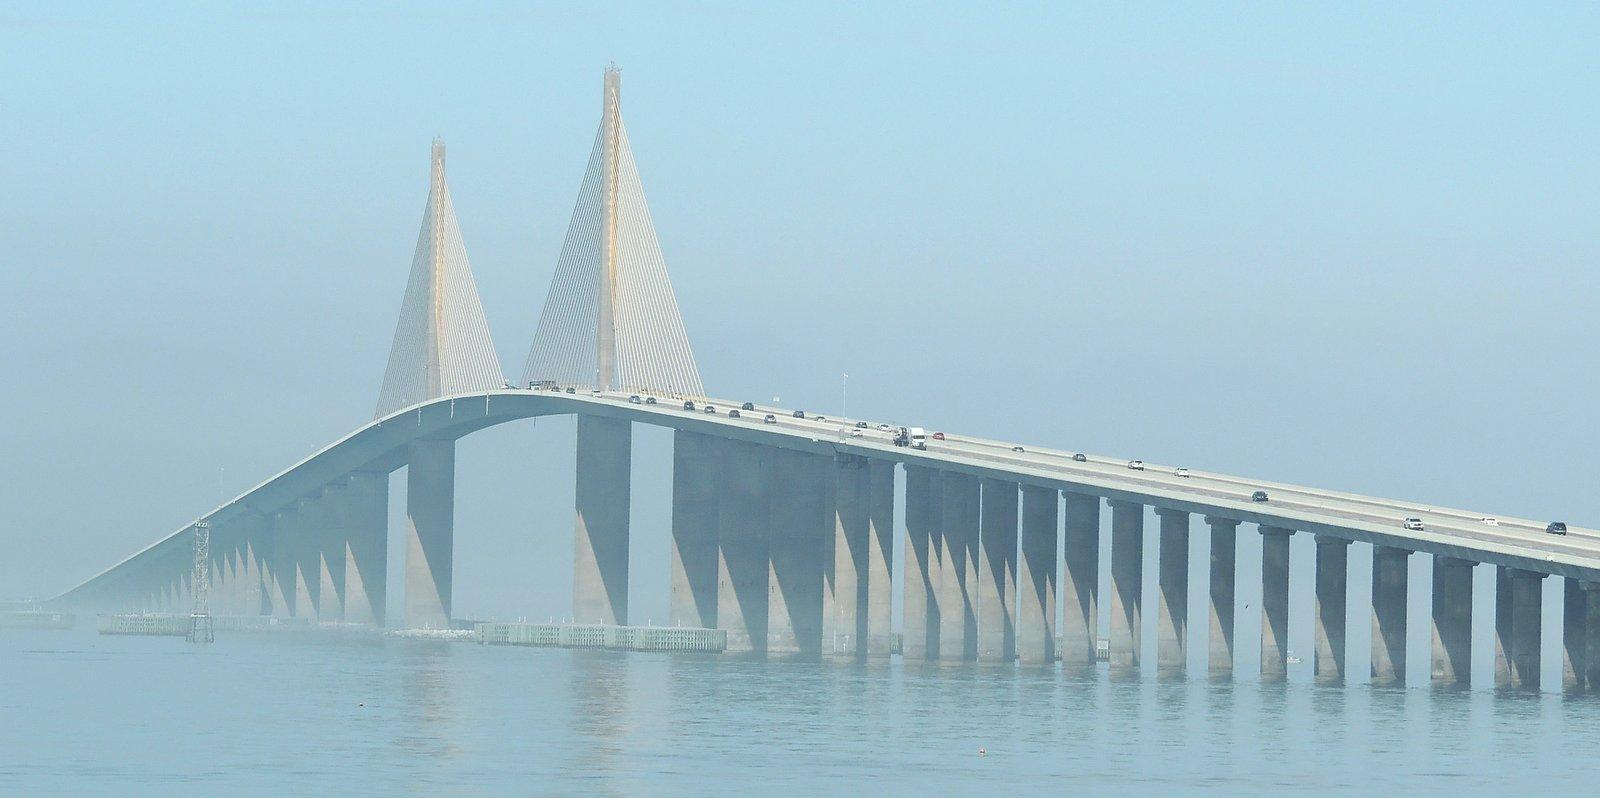 Skyway Sunshine Bridge Tampa Bay